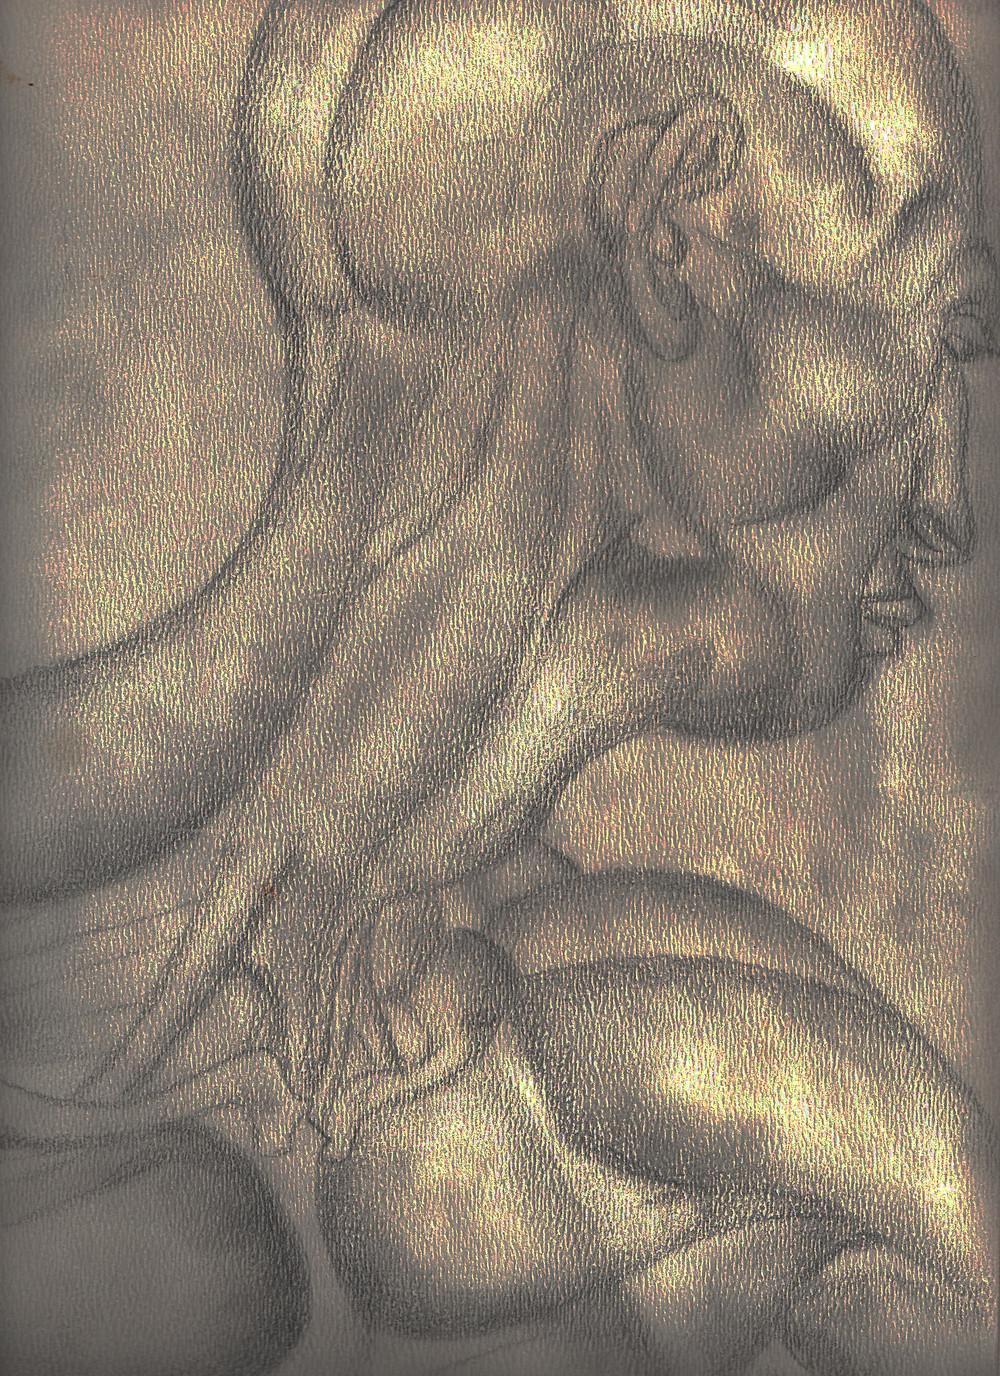 200610091.1.jpg